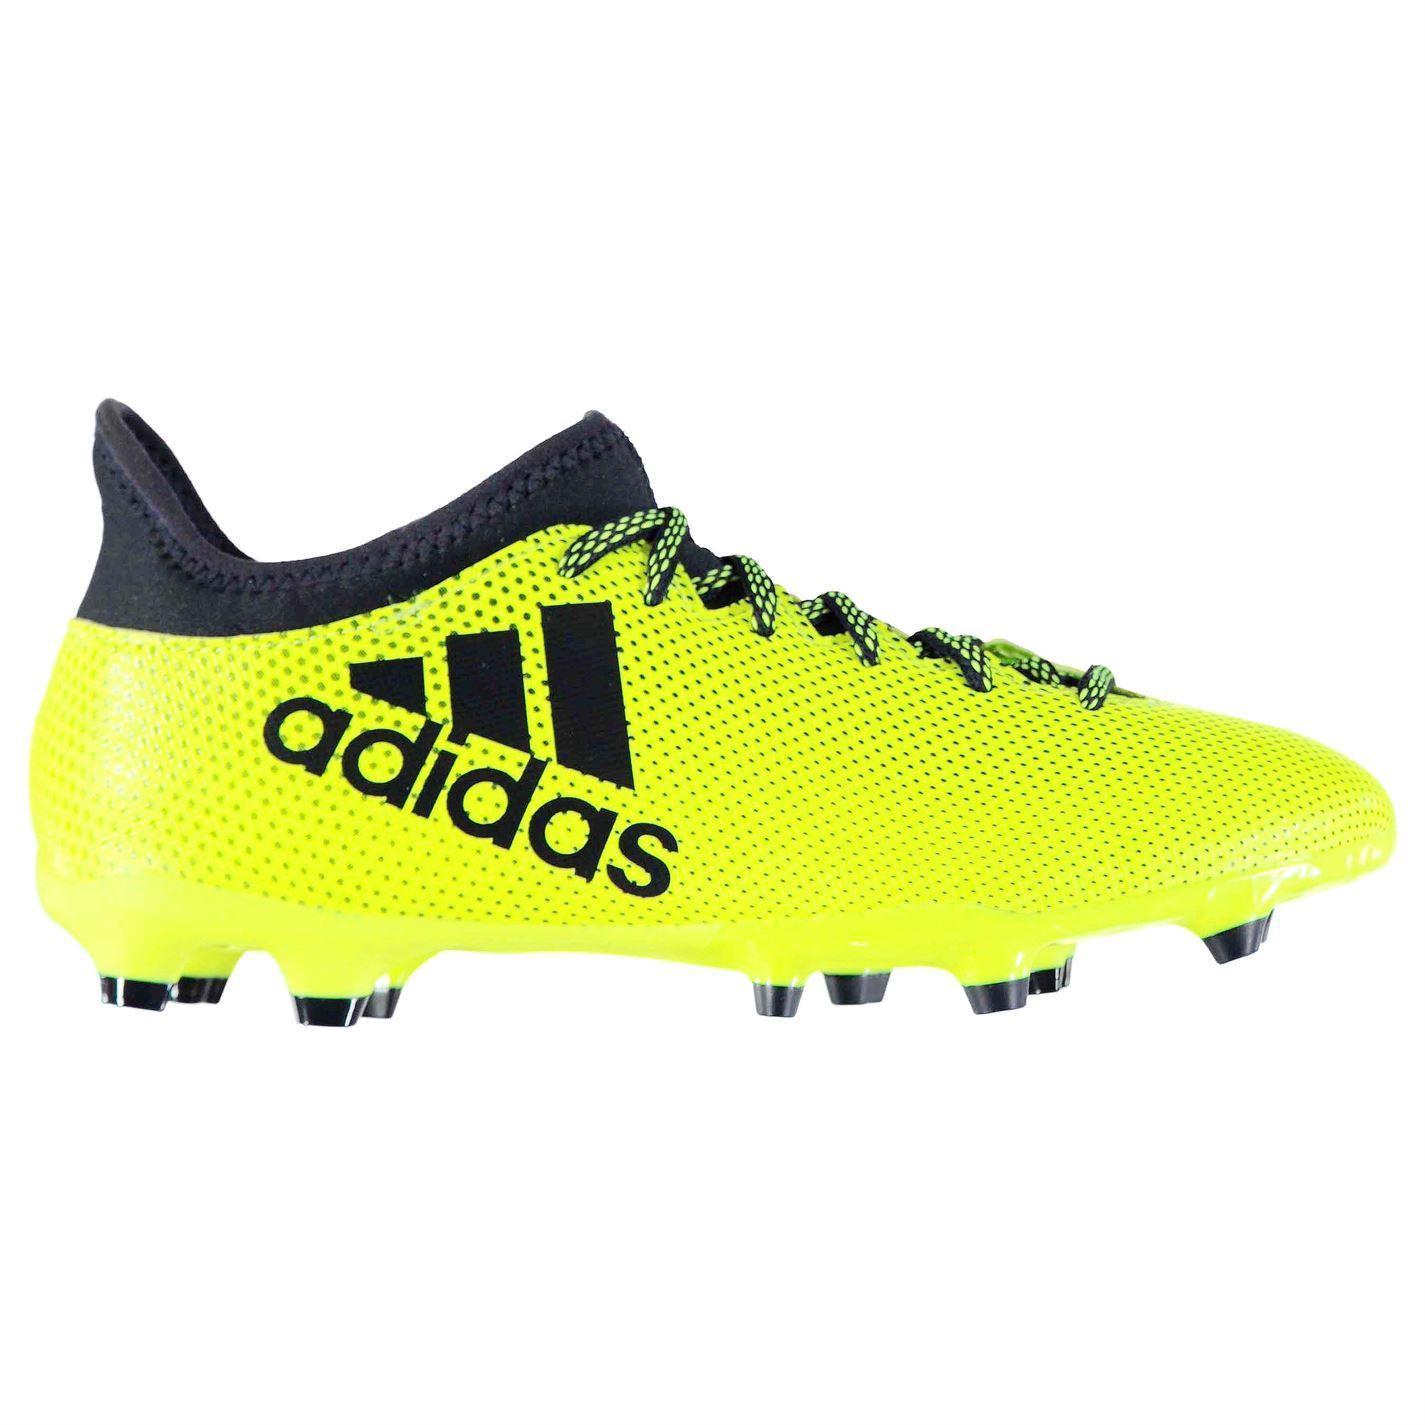 Adidas Para Hombre X 17.3 terreno FG Botas de fútbol terreno 17.3 firme con Cordones Tejido de punto 49fe89